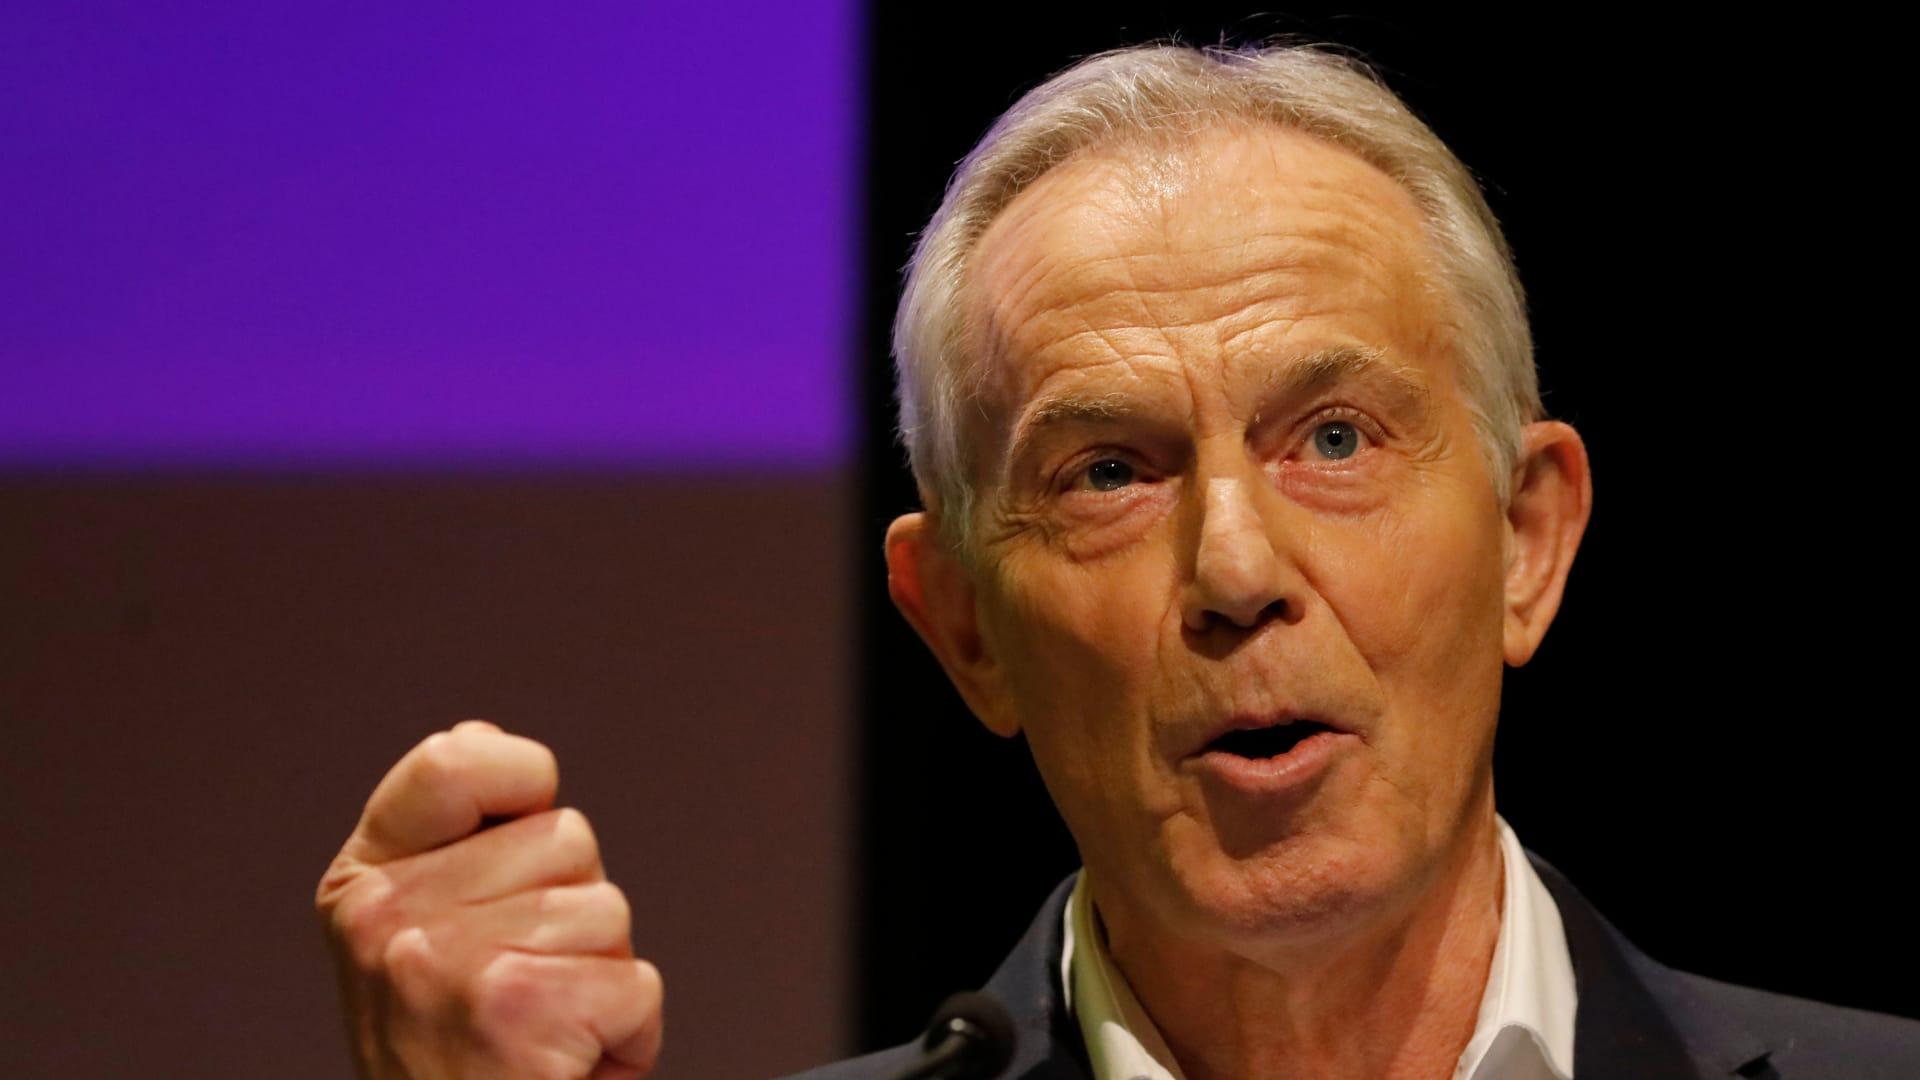 """""""أحمق للغاية"""".. توني بلير عن خلاف الاتحاد الأوروبي مع بريطانيا حول لقاح أسترازينيكا"""